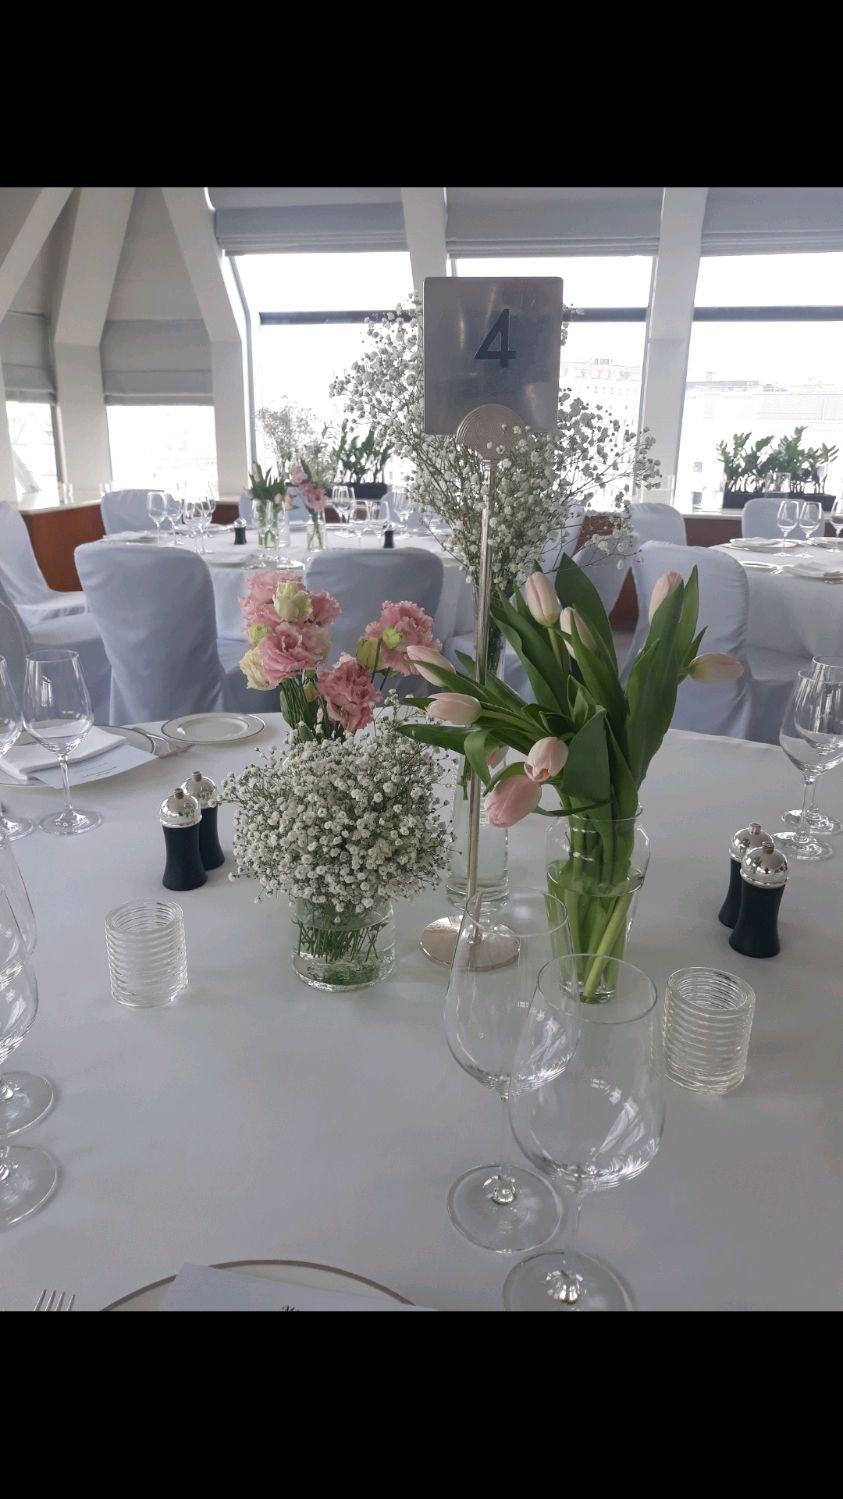 Свадебные цветы ручной работы. Ярмарка Мастеров - ручная работа. Купить Оформление столов гостей на свадьбу. Handmade. Тюльпаны, эустома